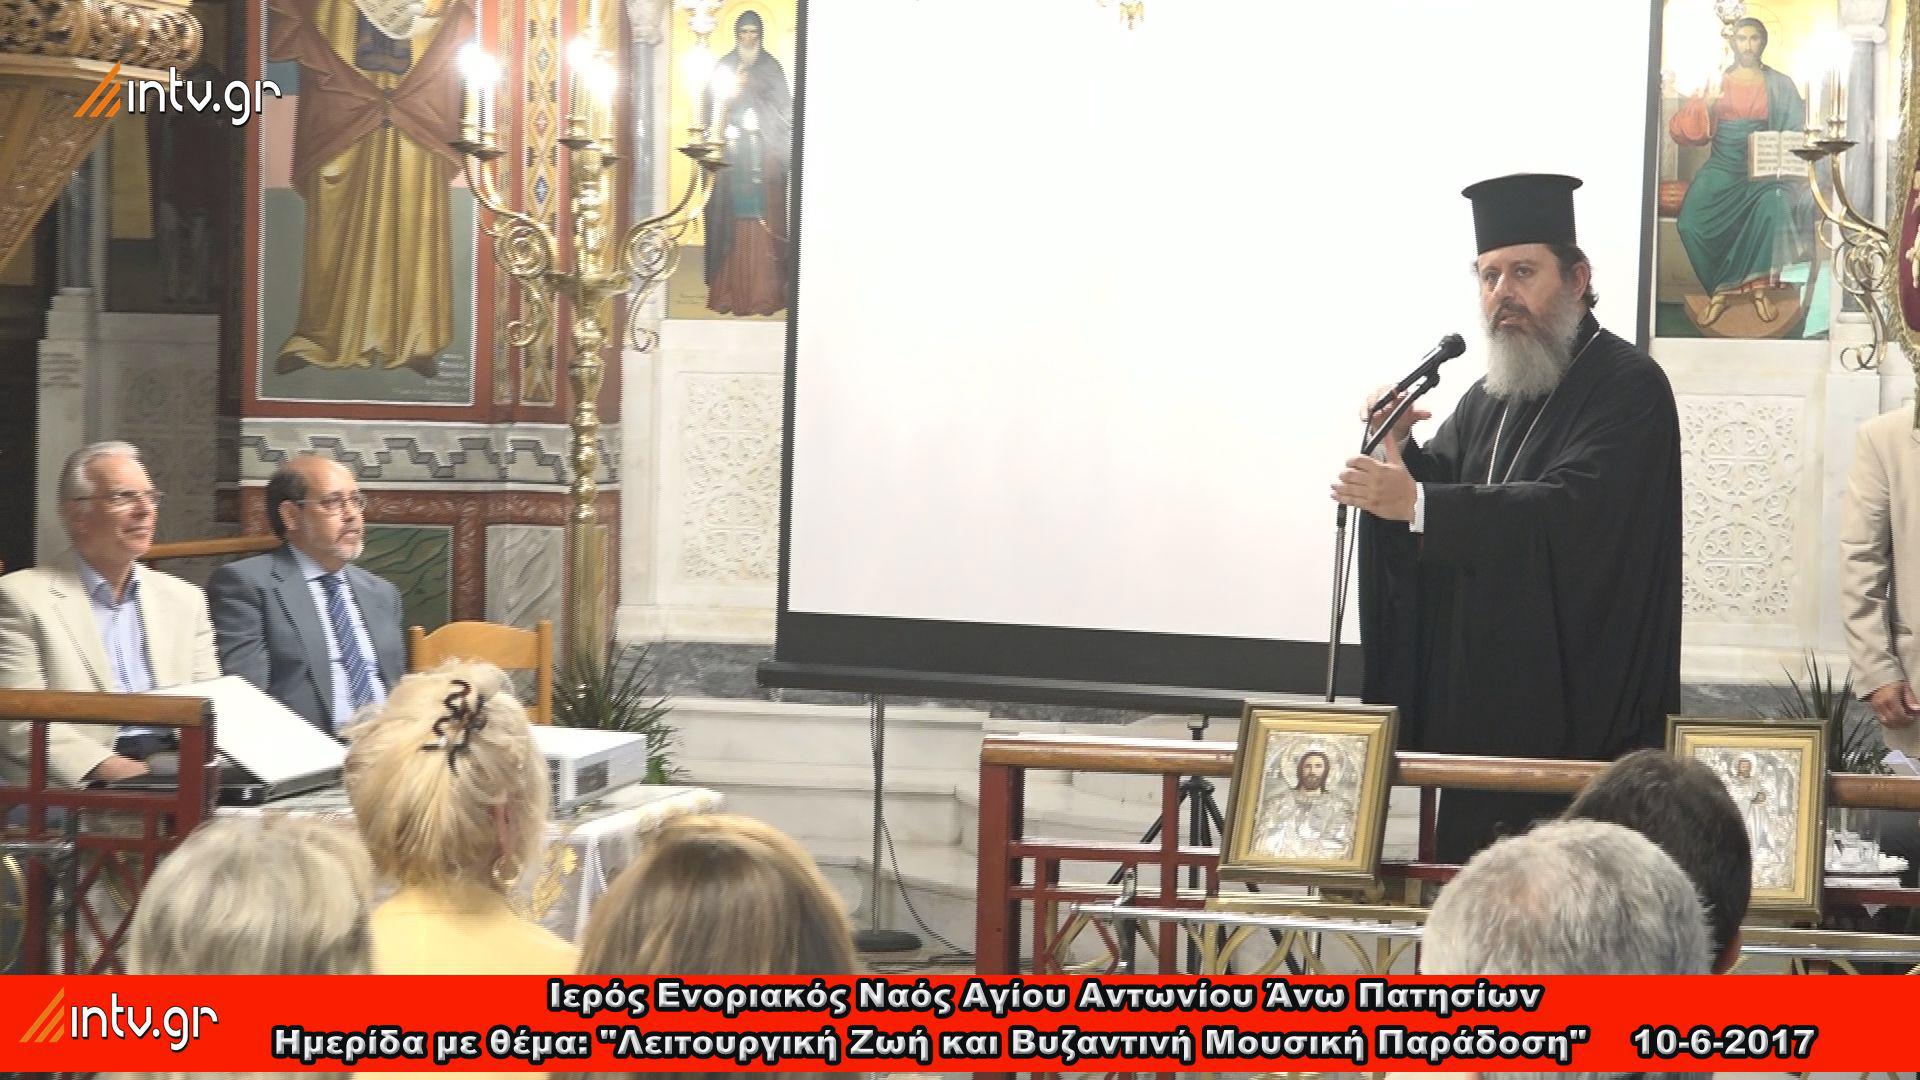 """Ιερός Ενοριακός Ναός Αγίου Αντωνίου Άνω Πατησίων Ημερίδα με θέμα: """"Λειτουργική Ζωή και Βυζαντινή Μουσική Παράδοση"""""""